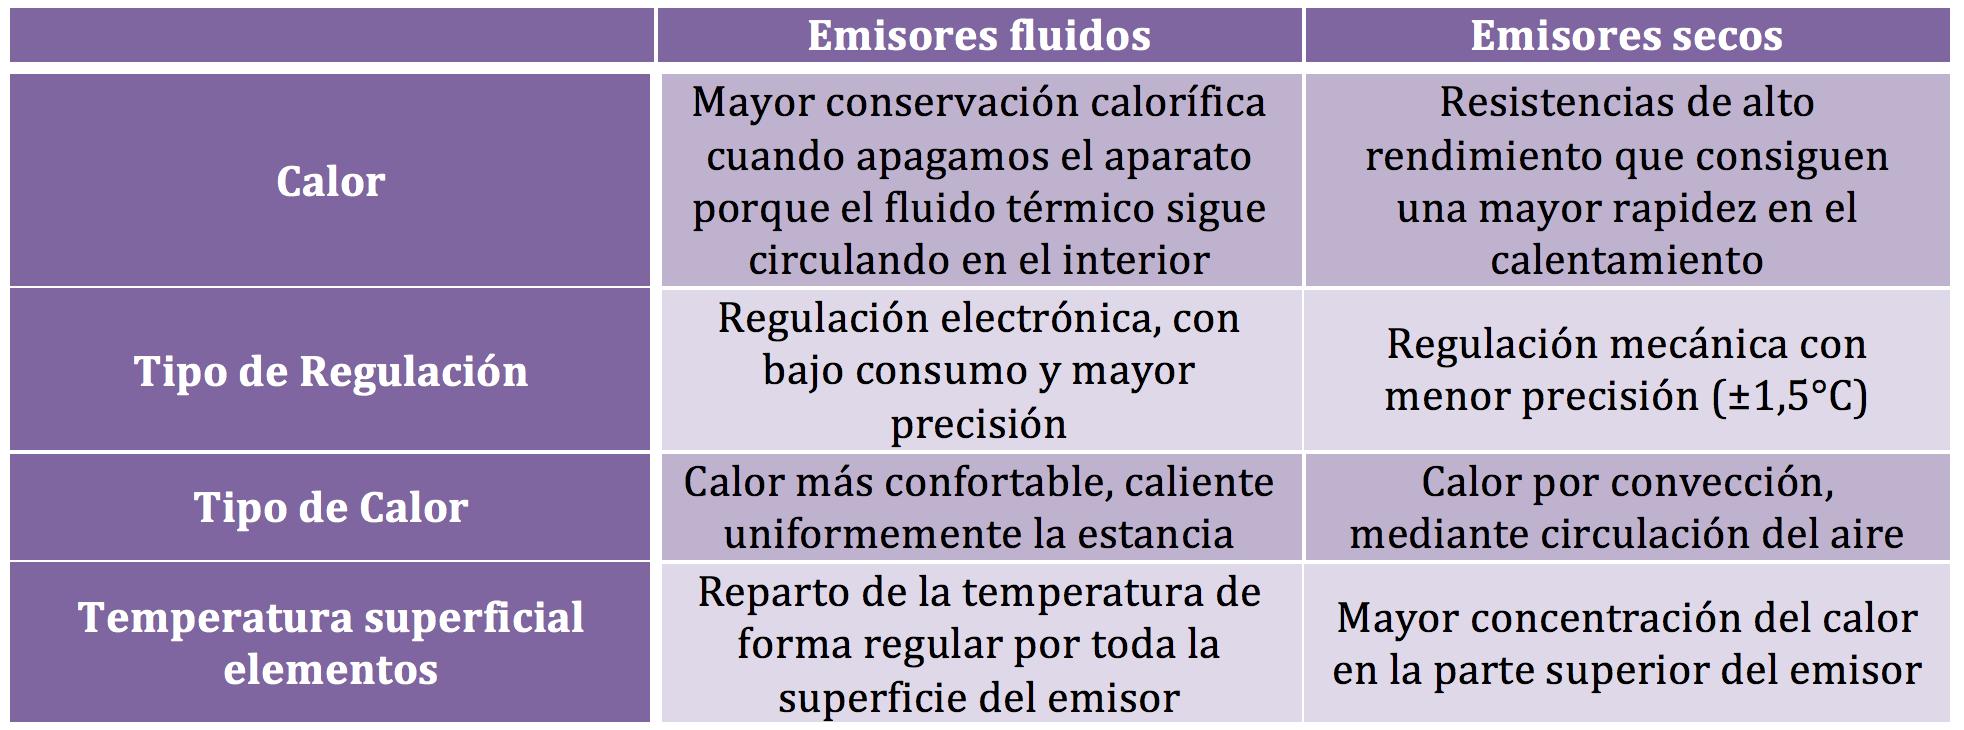 Sistemas de calefacci n el ctrica - Sistemas de calefaccion electrica ...